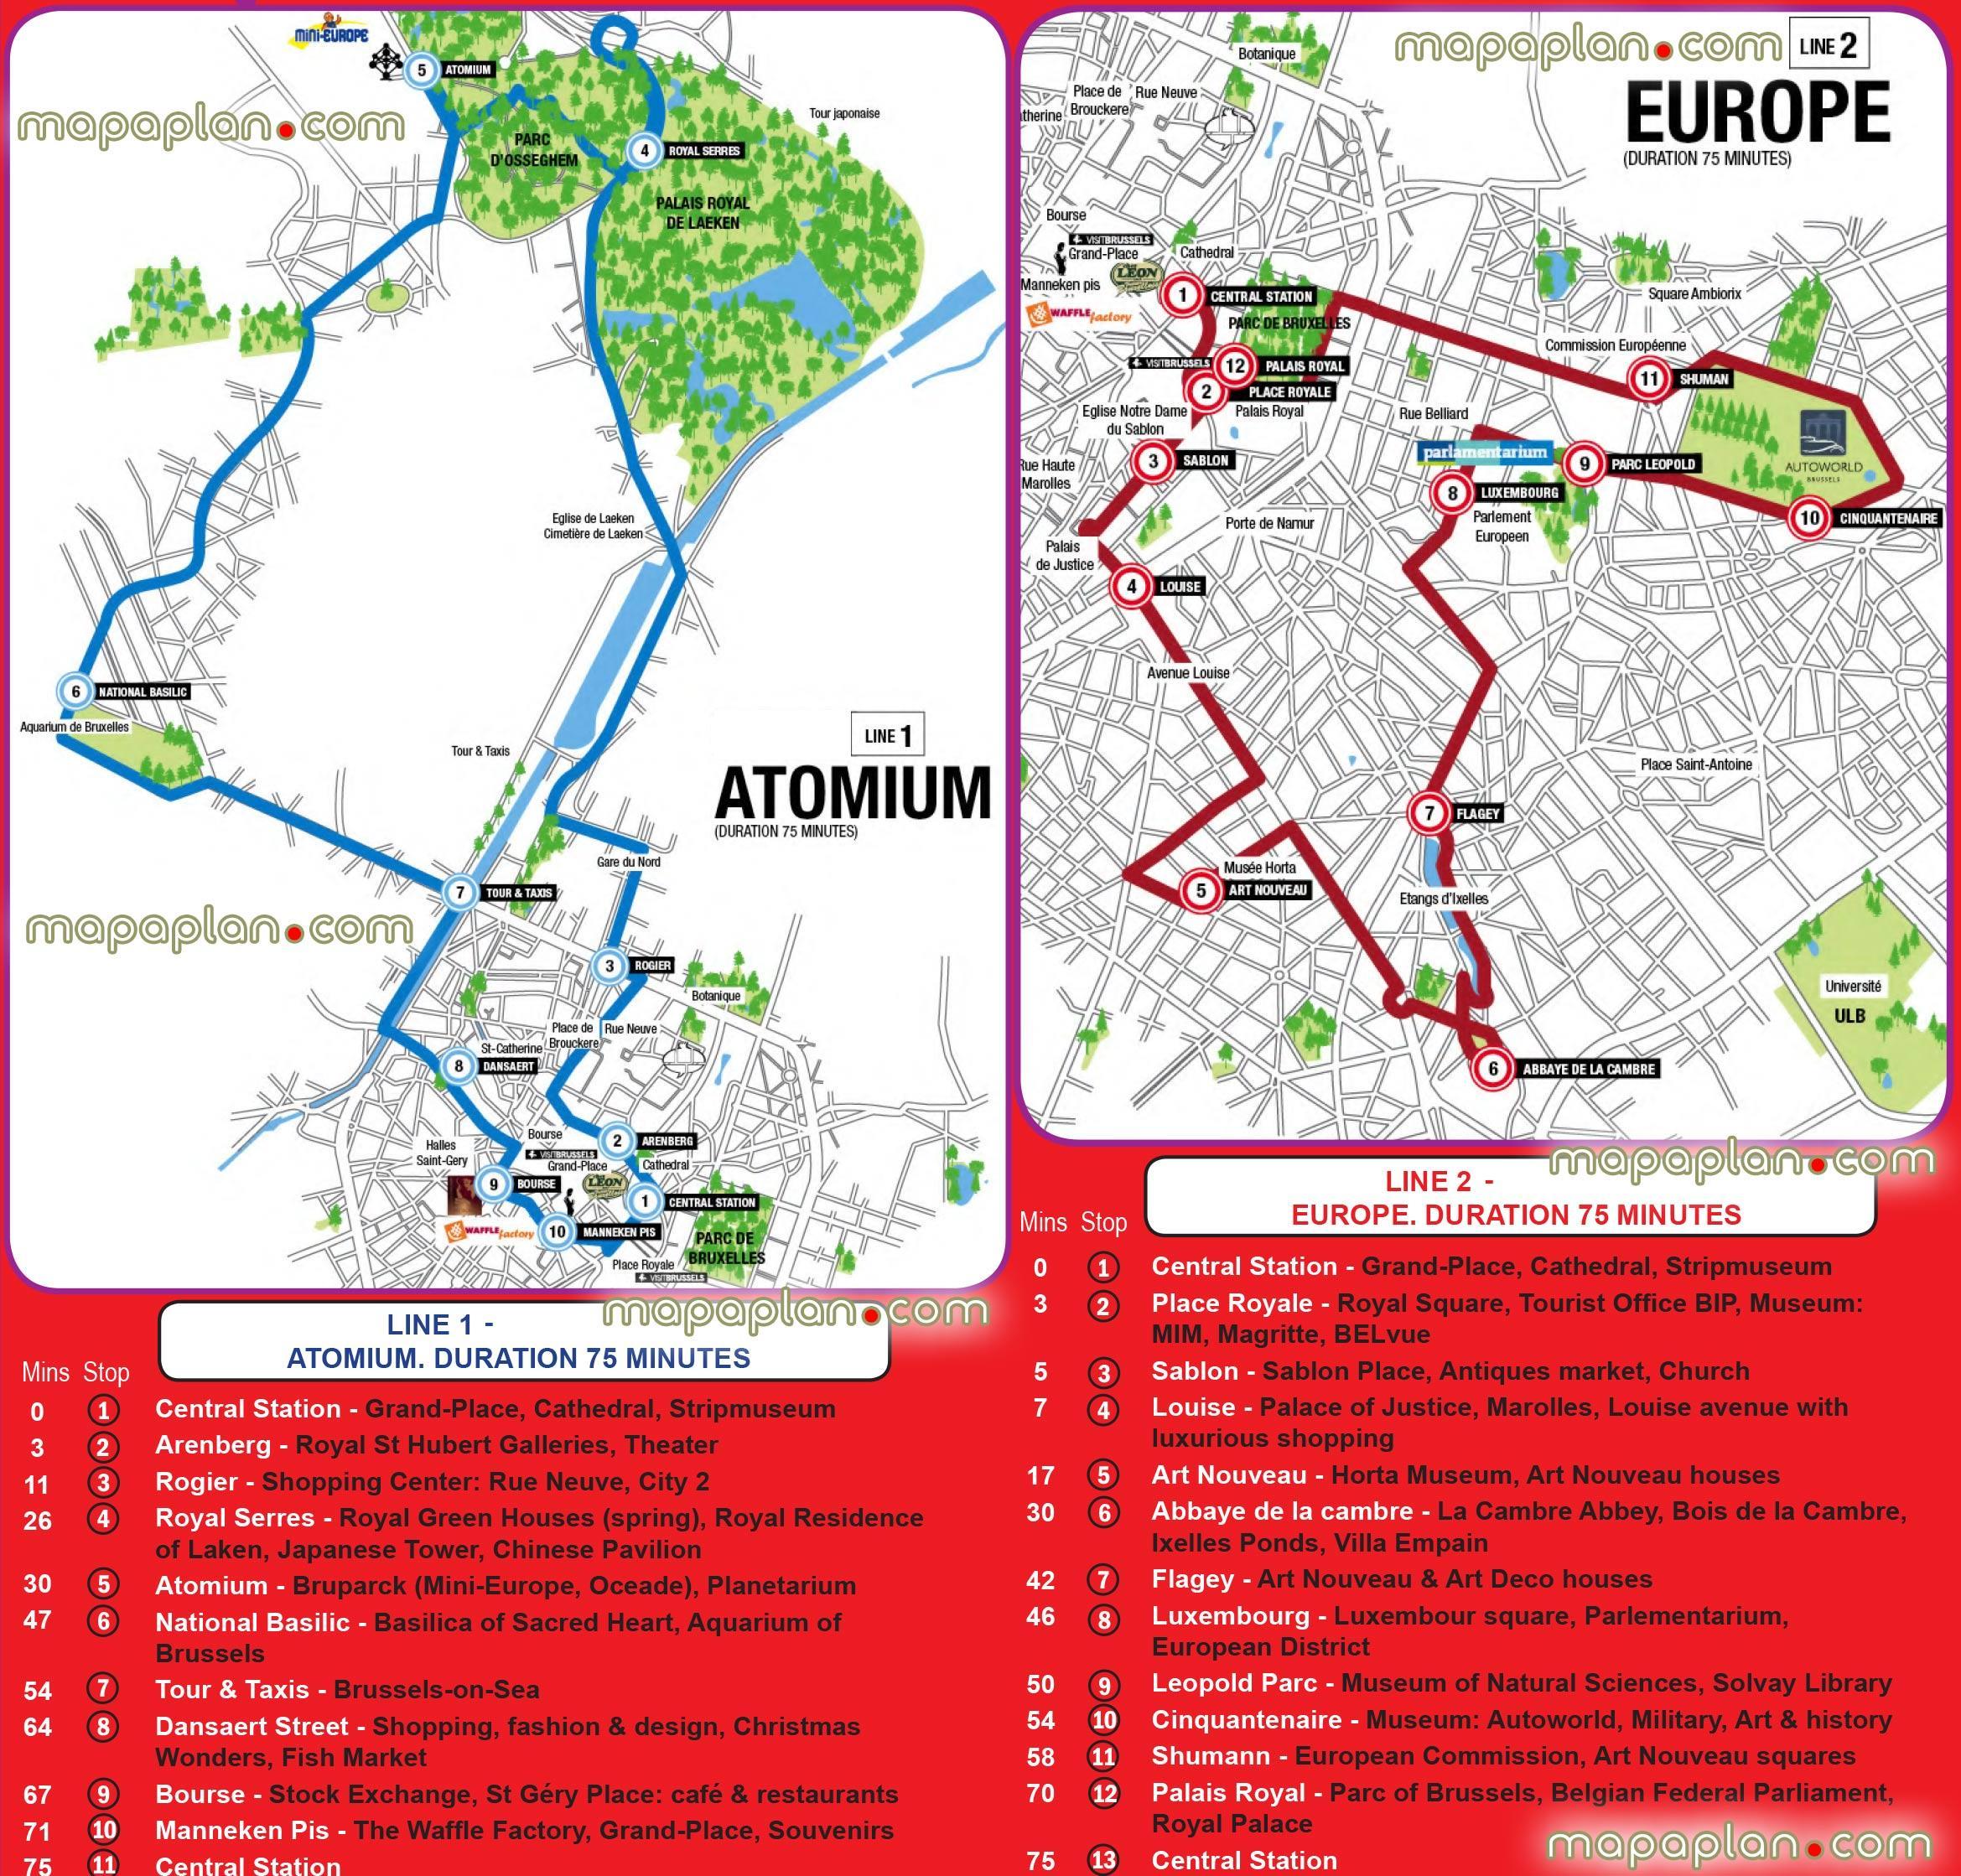 Brüssel Sehenswürdigkeiten Karte.City Sightseeing Brüssel Zur Karte Brüssel Sehenswürdigkeiten Karte